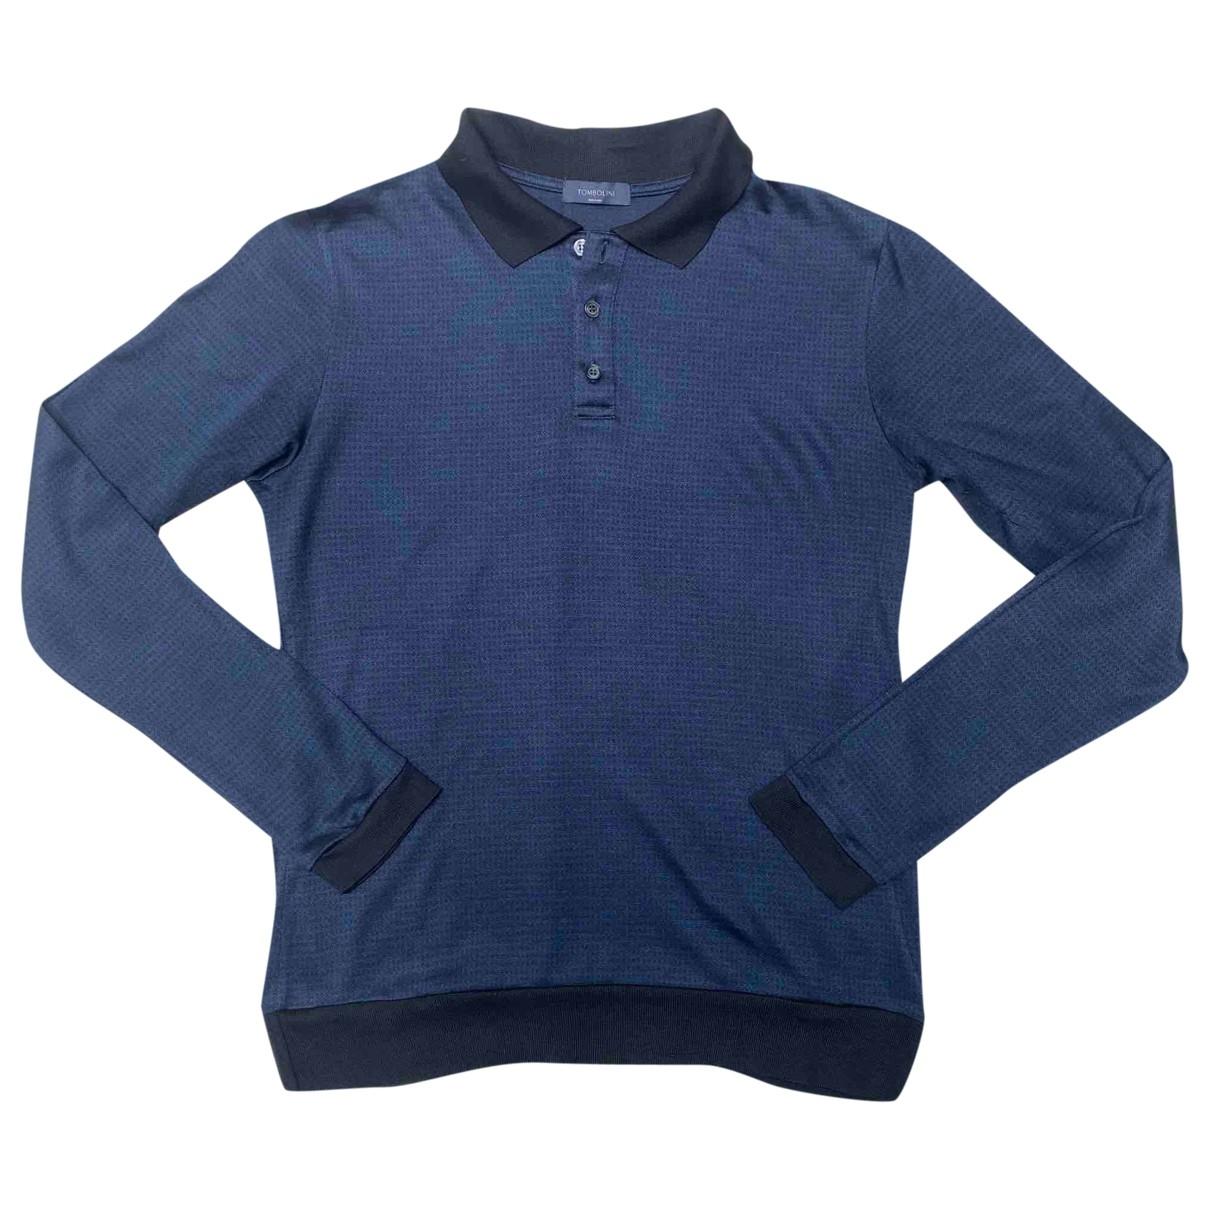 Tombolini - Chemises   pour homme en soie - bleu